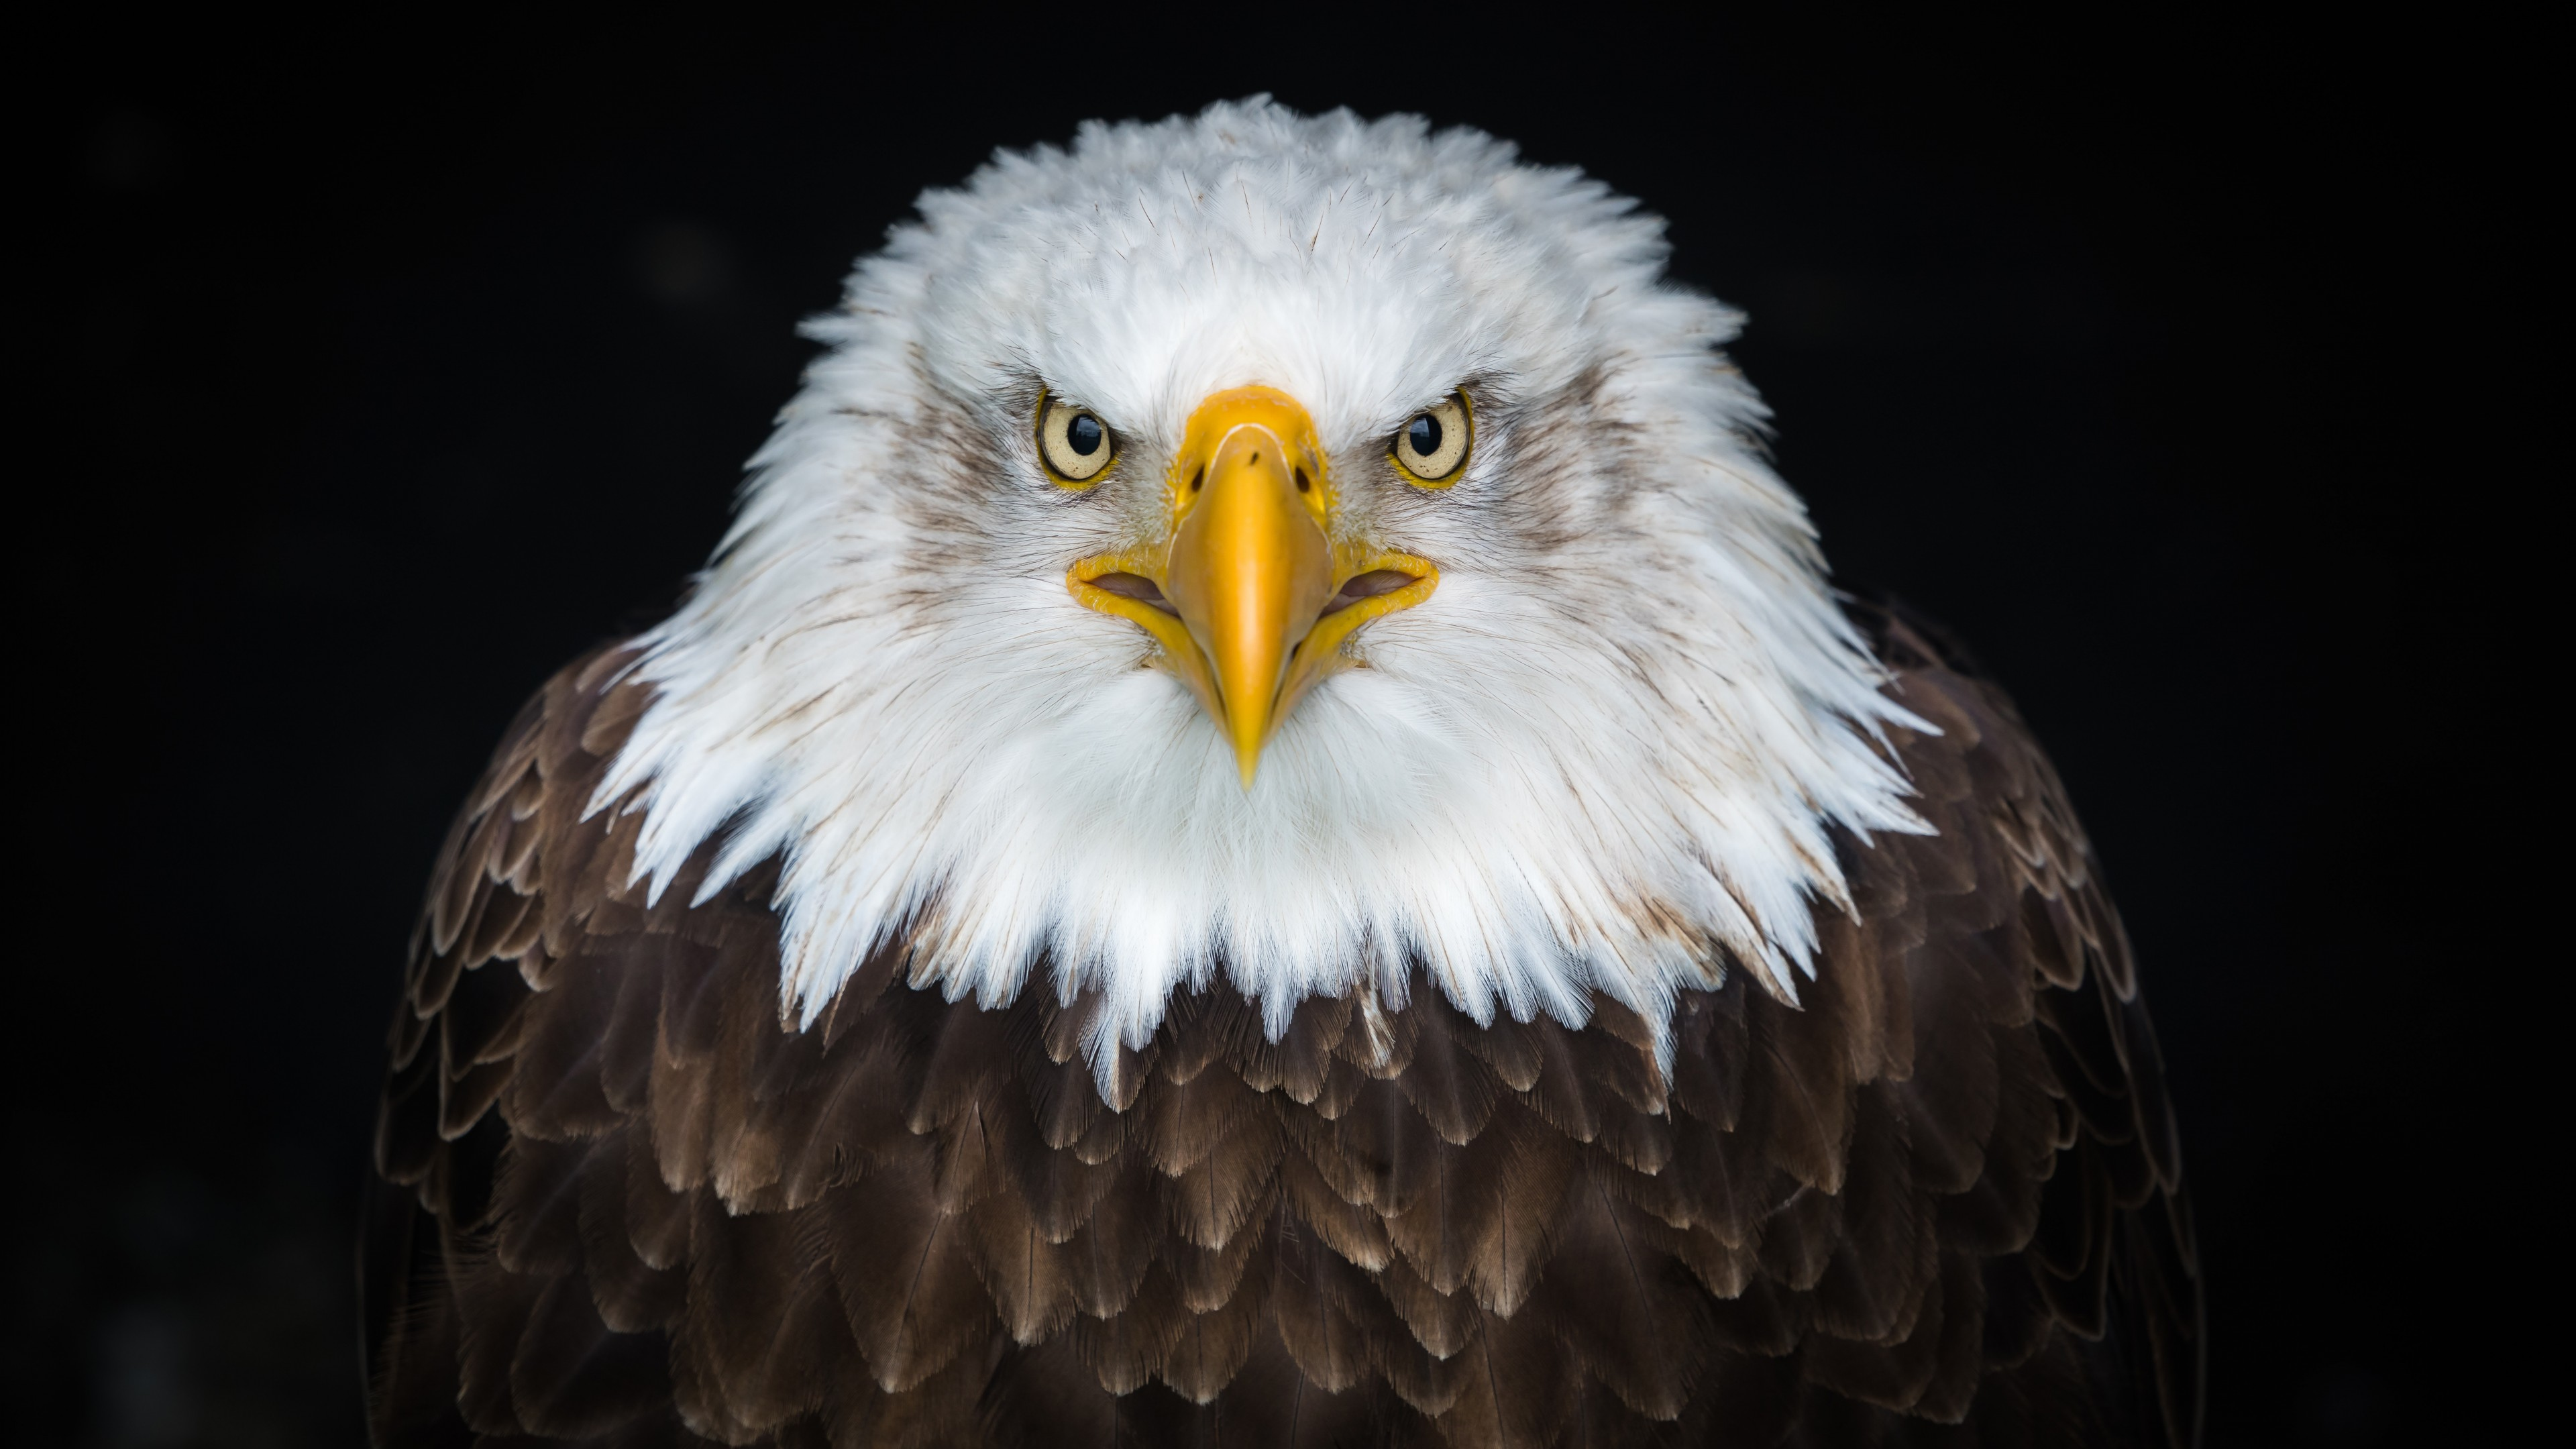 Хищная птица Орел с желтым клювом и зорким взглядом